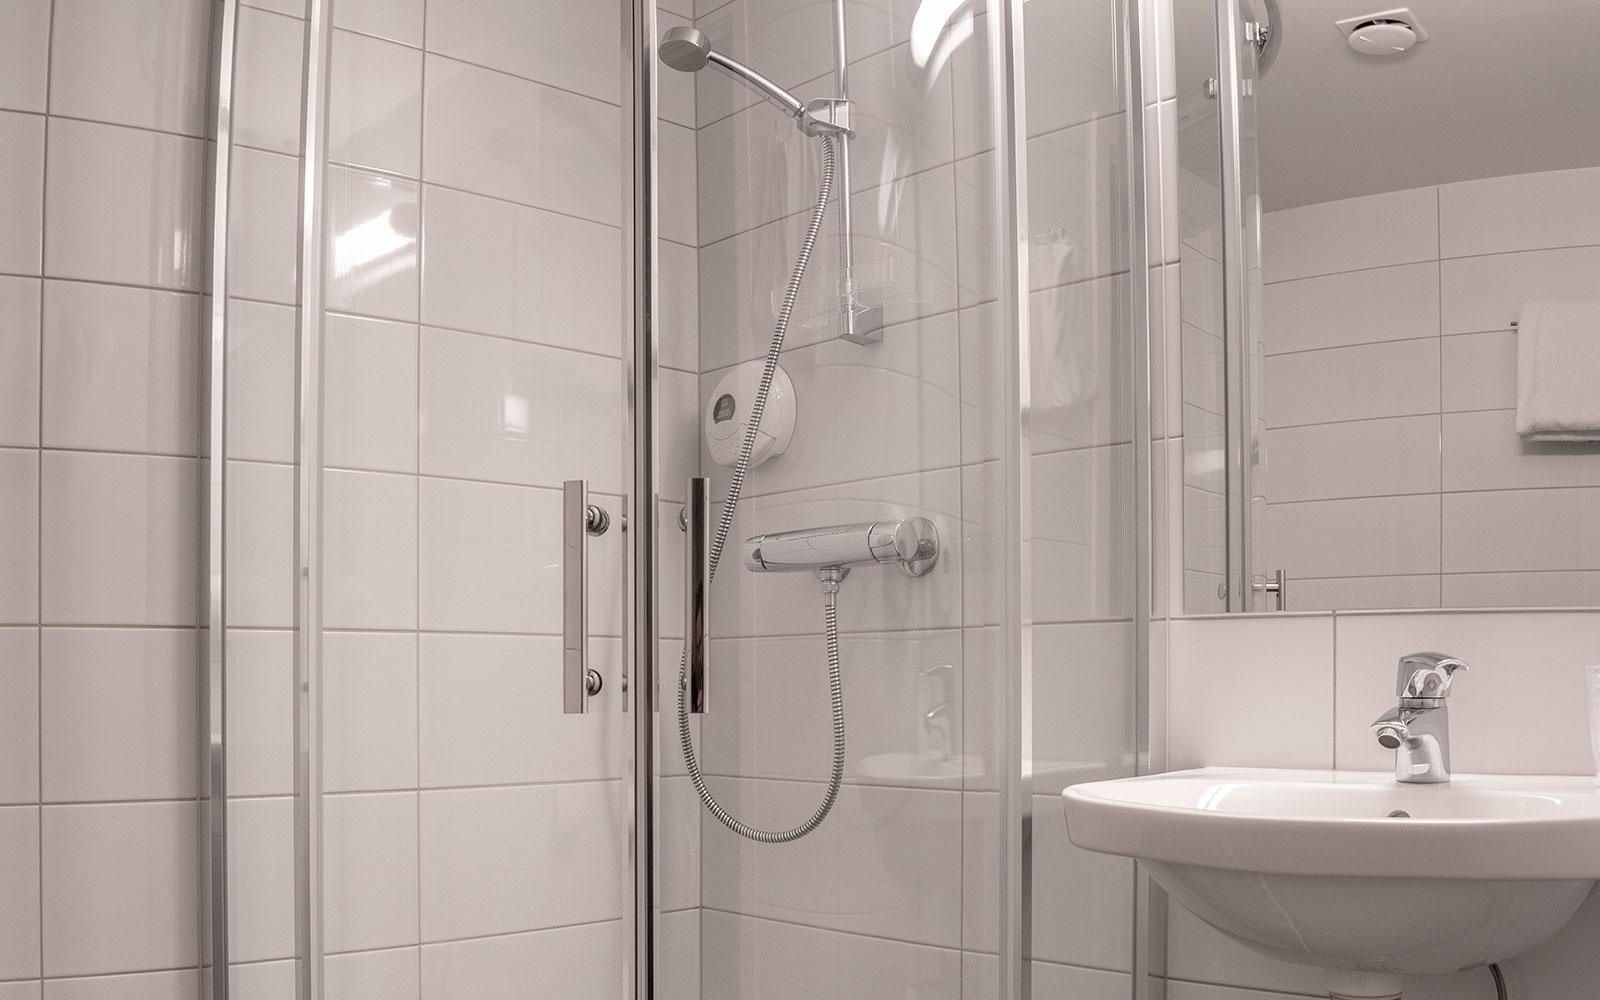 Melbu Hotell trippelrom - bad og dusj